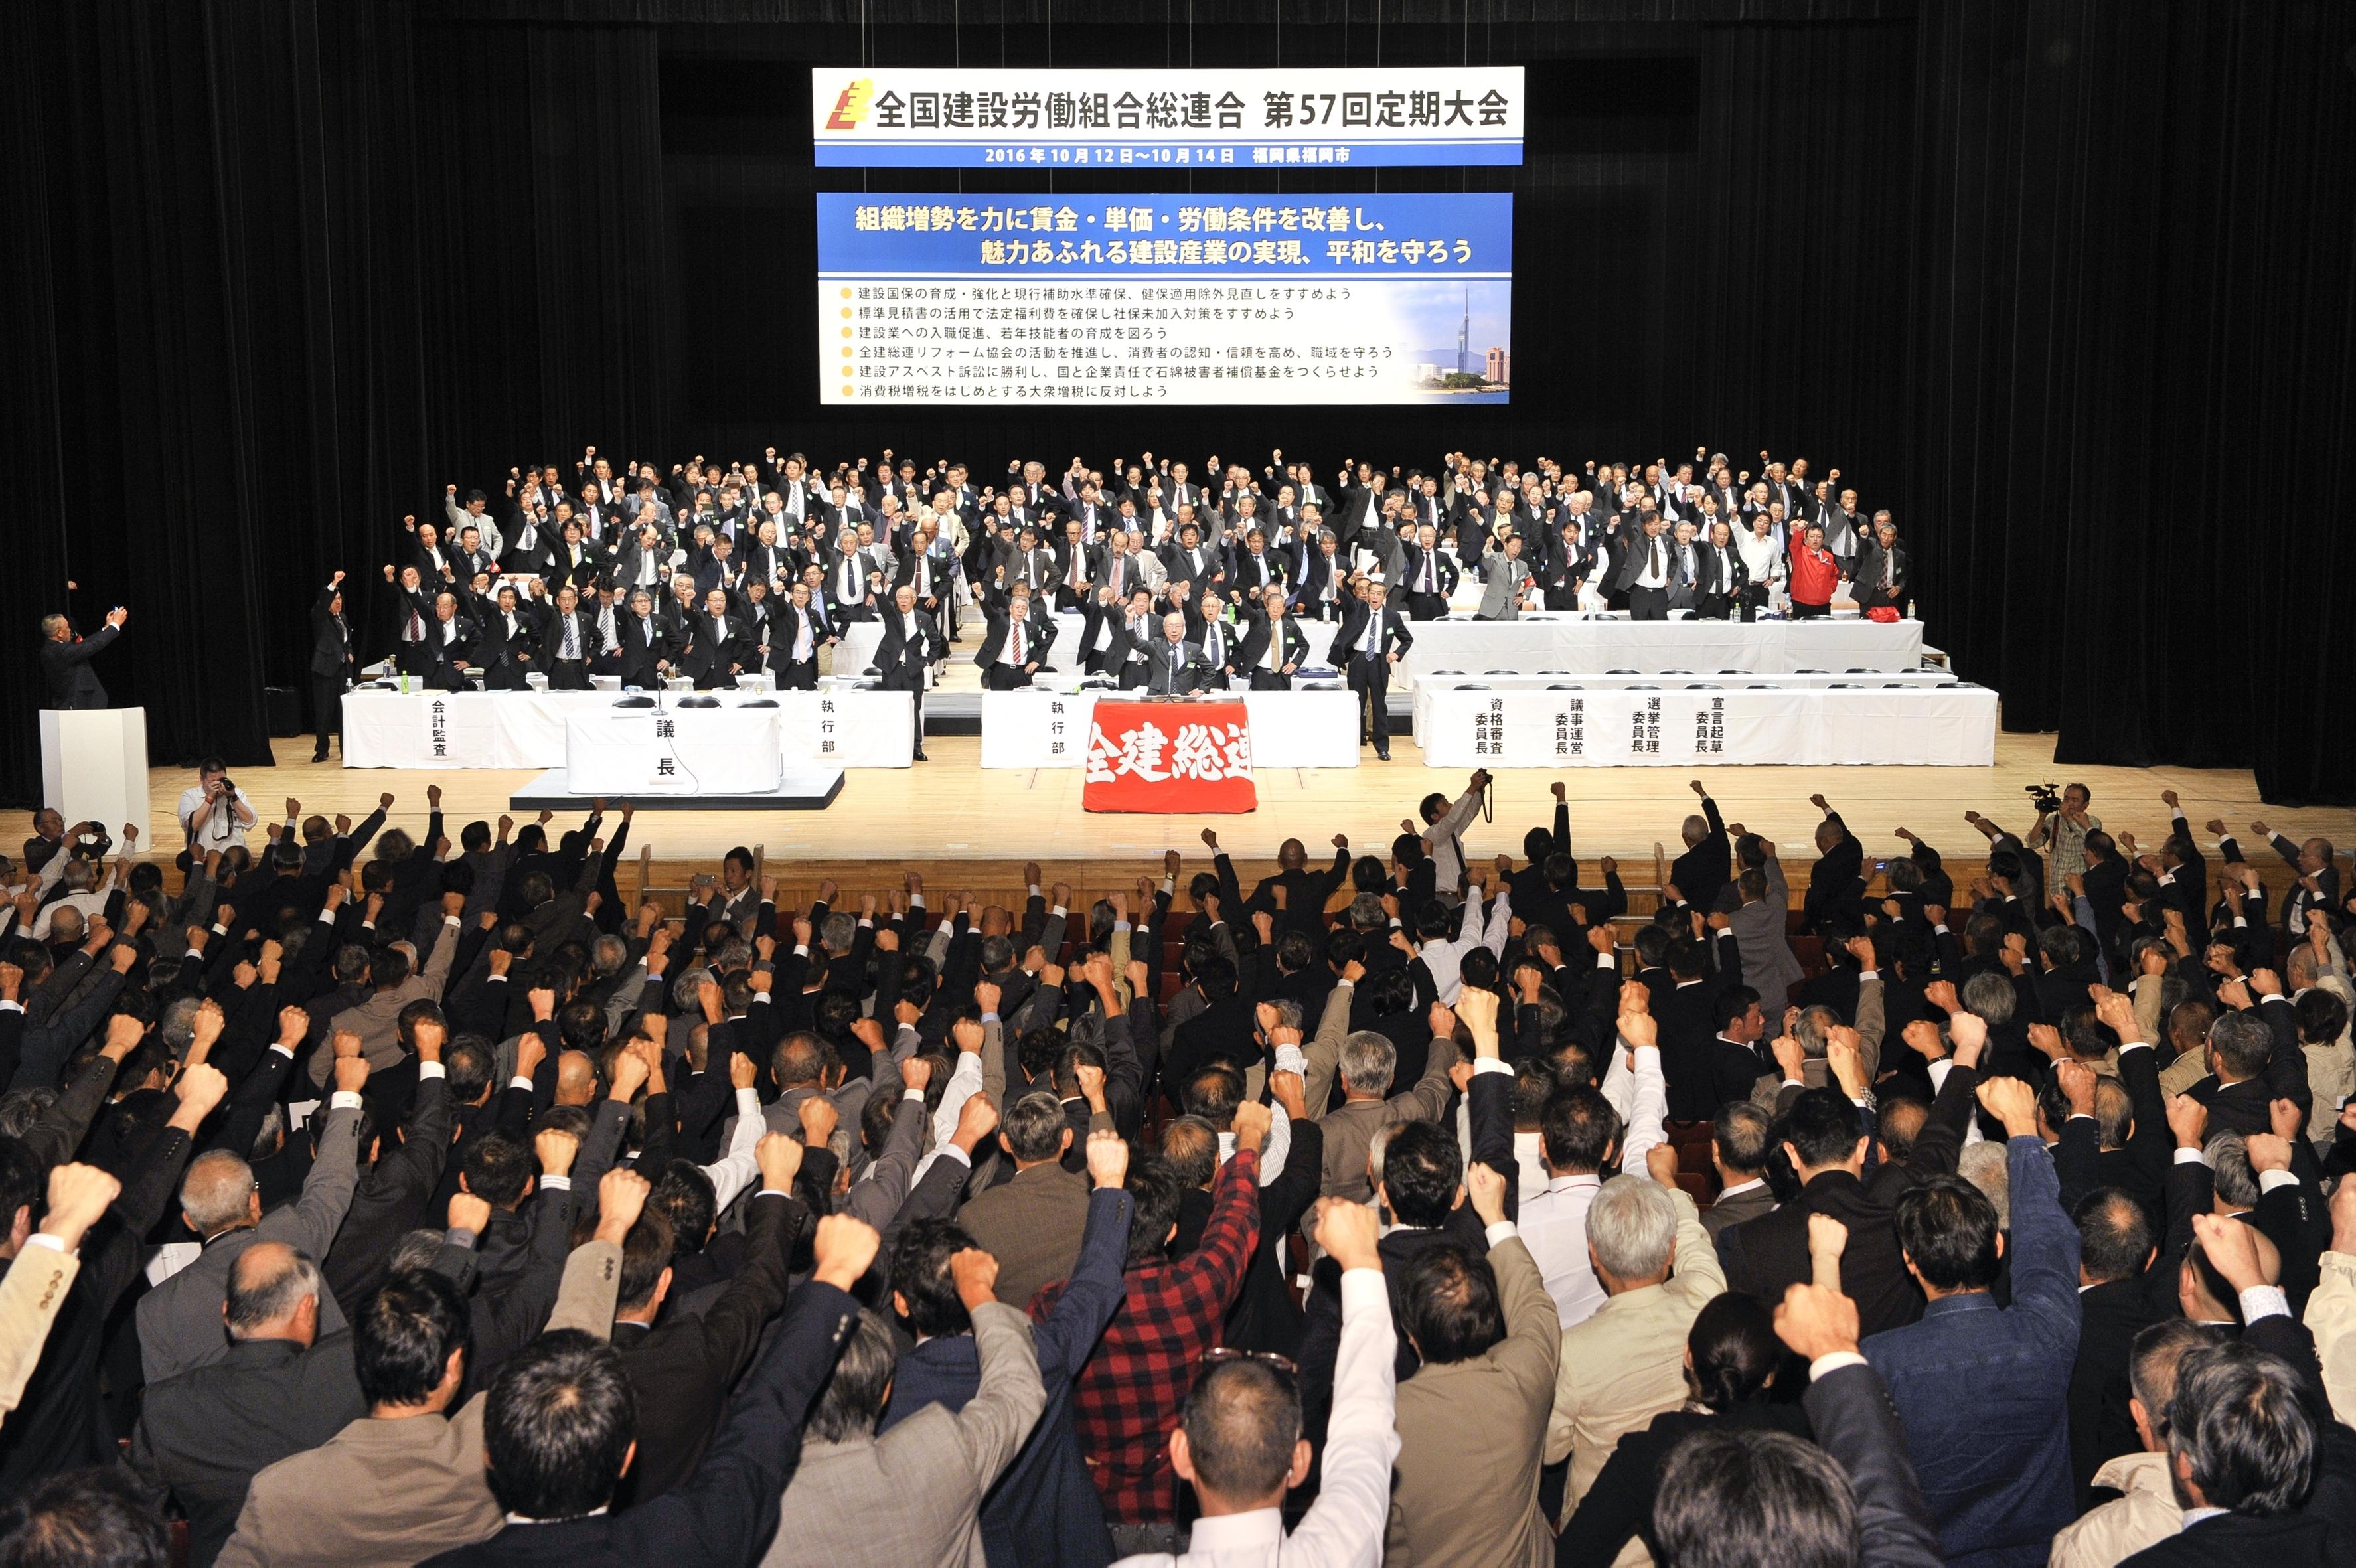 全53県連・組合の仲間が活発な討議を行った